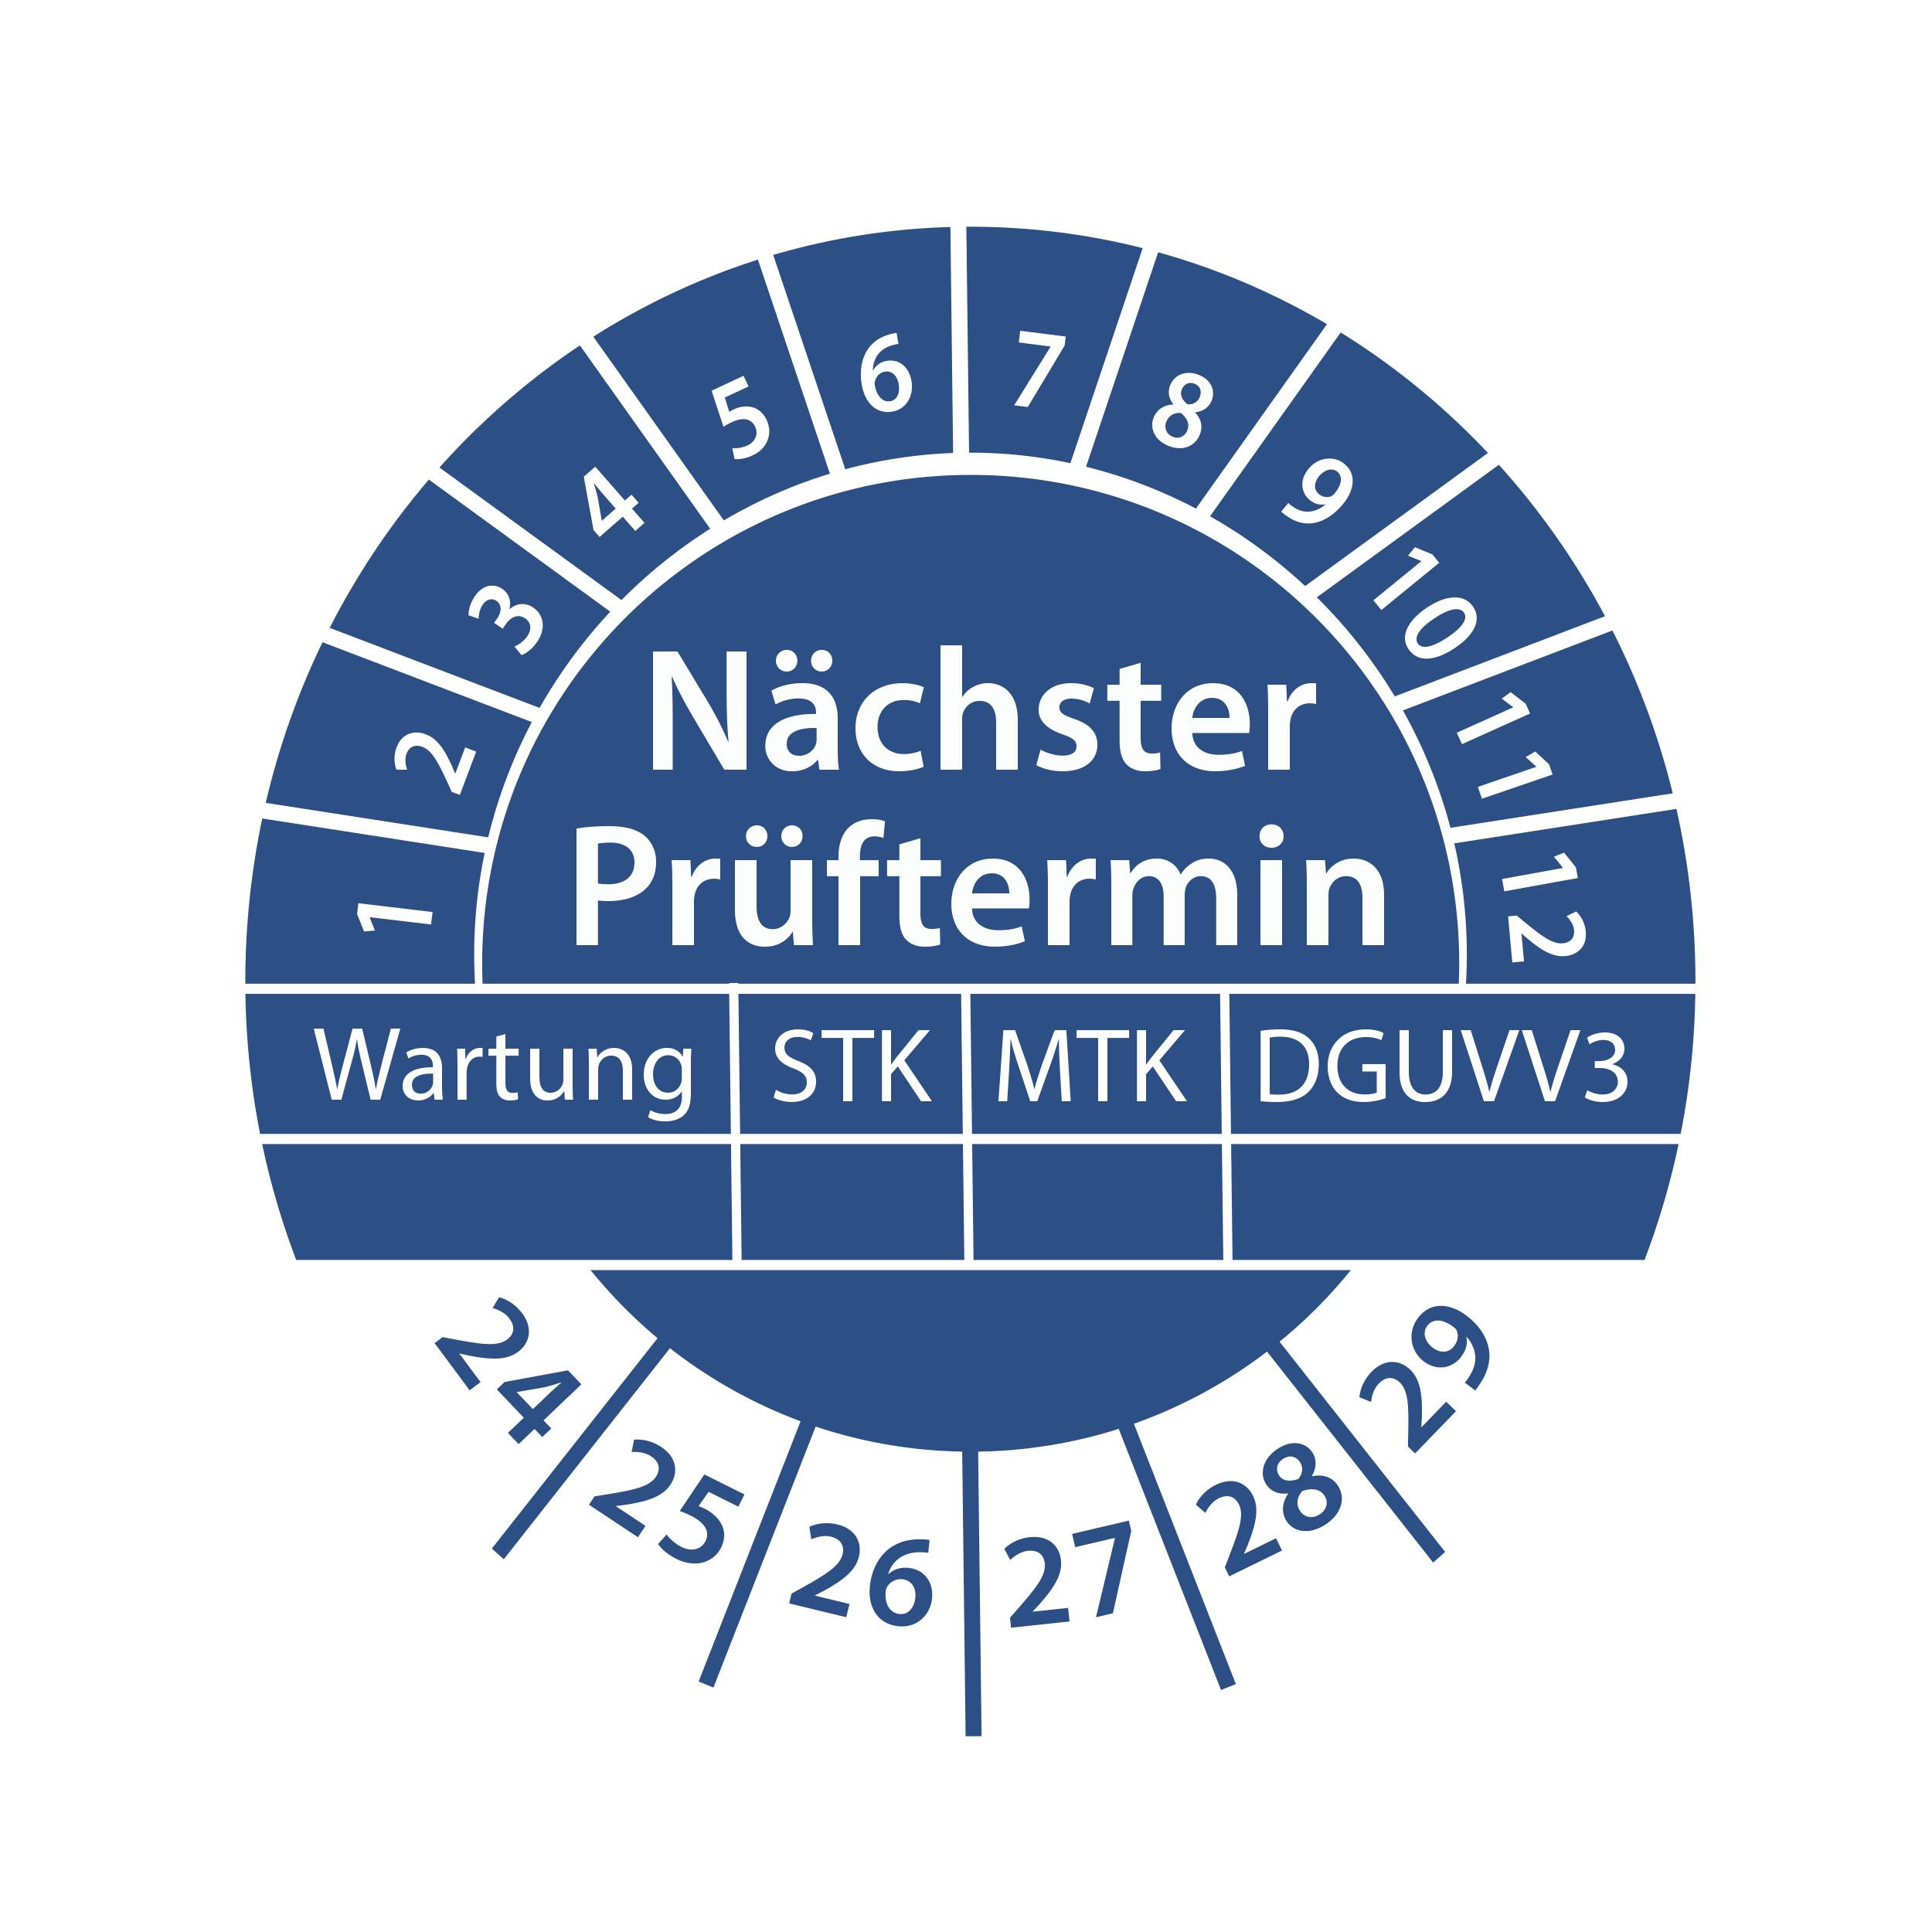 Prüfplakette Nächster Prüftermin Wartung STK MTK 2024-2029 Ø 30mm Rund Gelb / Blau Prüfetikett Prüfaufkleber